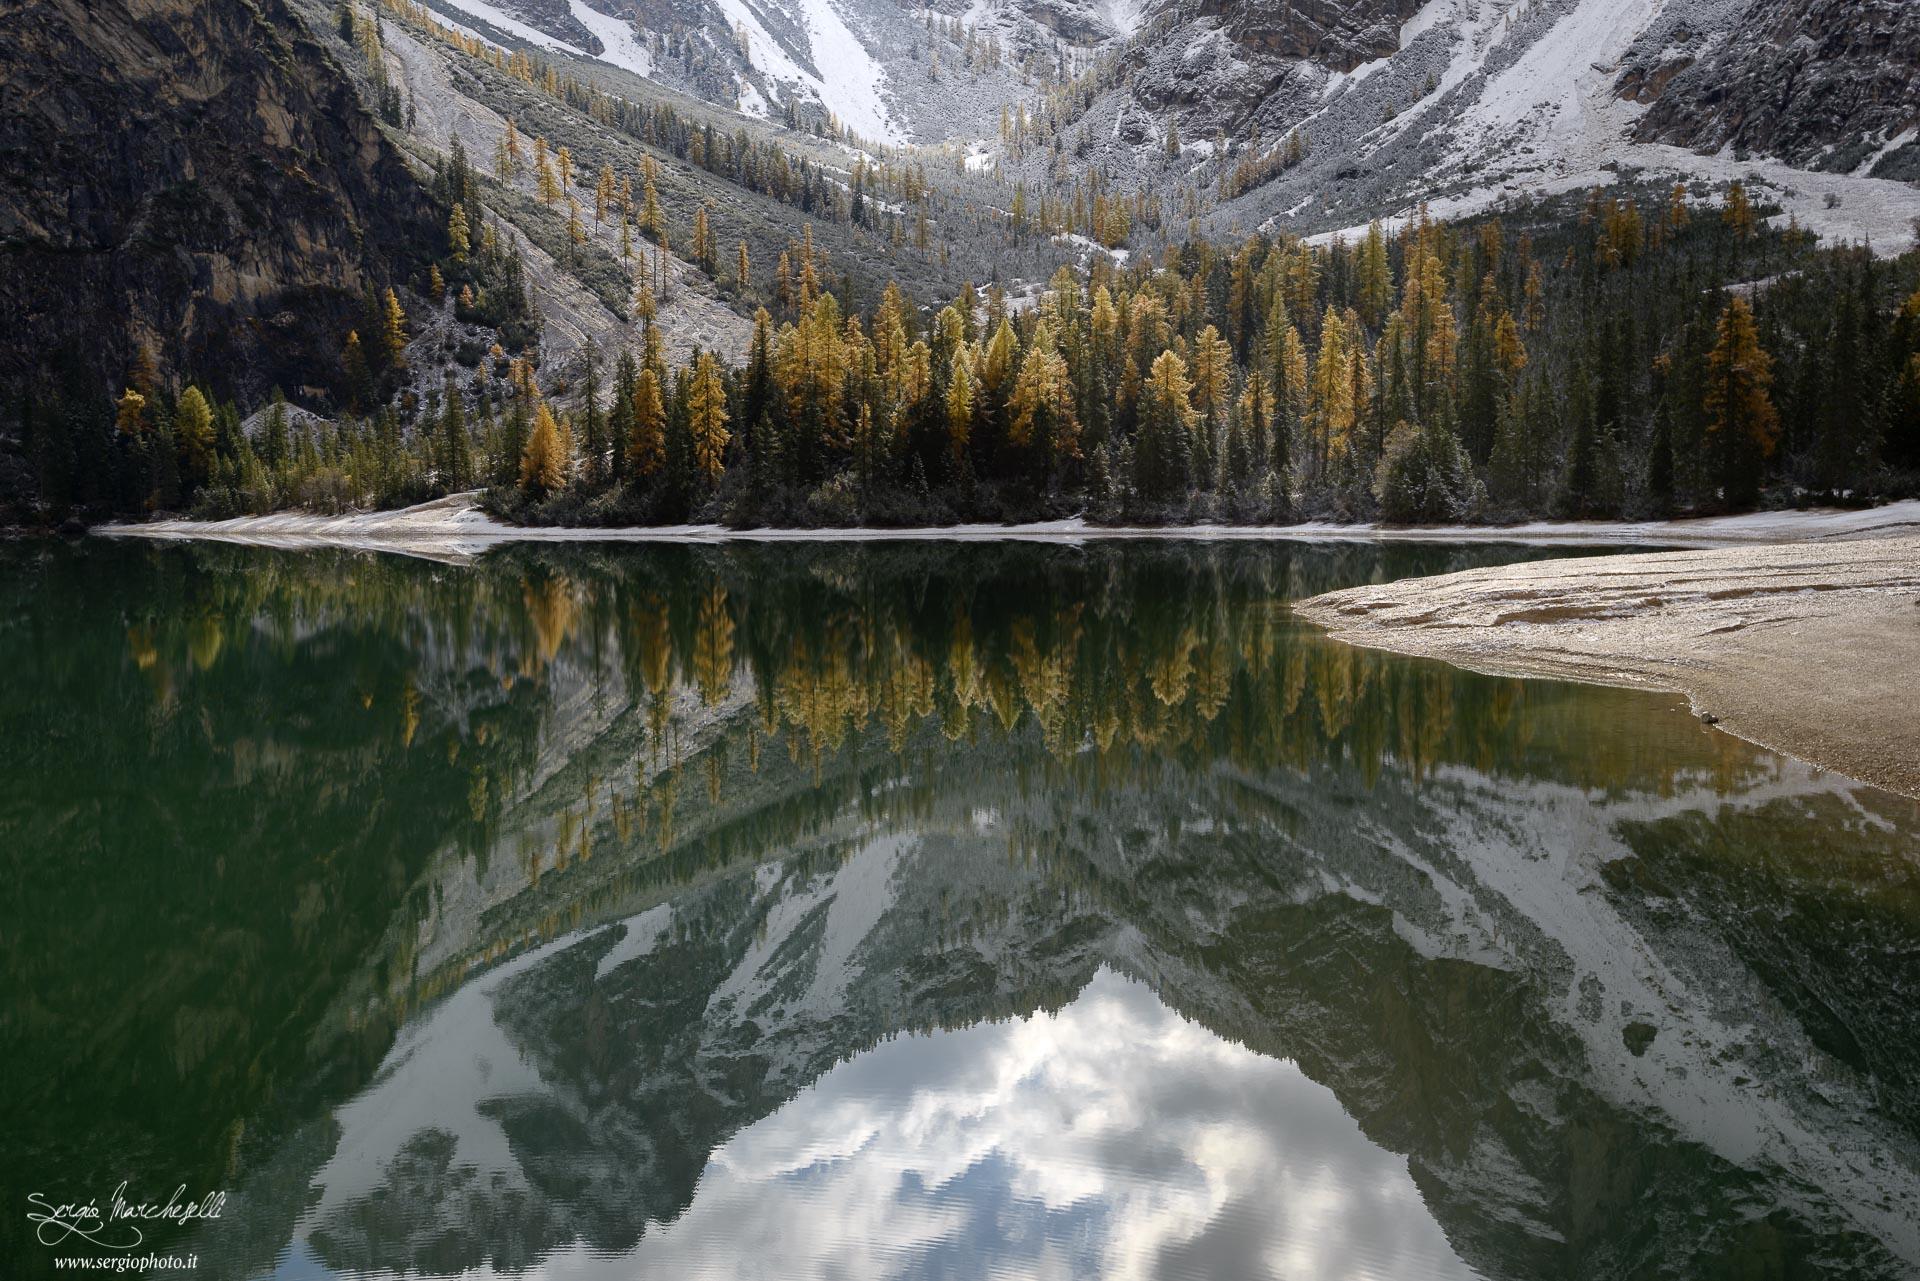 lago-di-braies_02